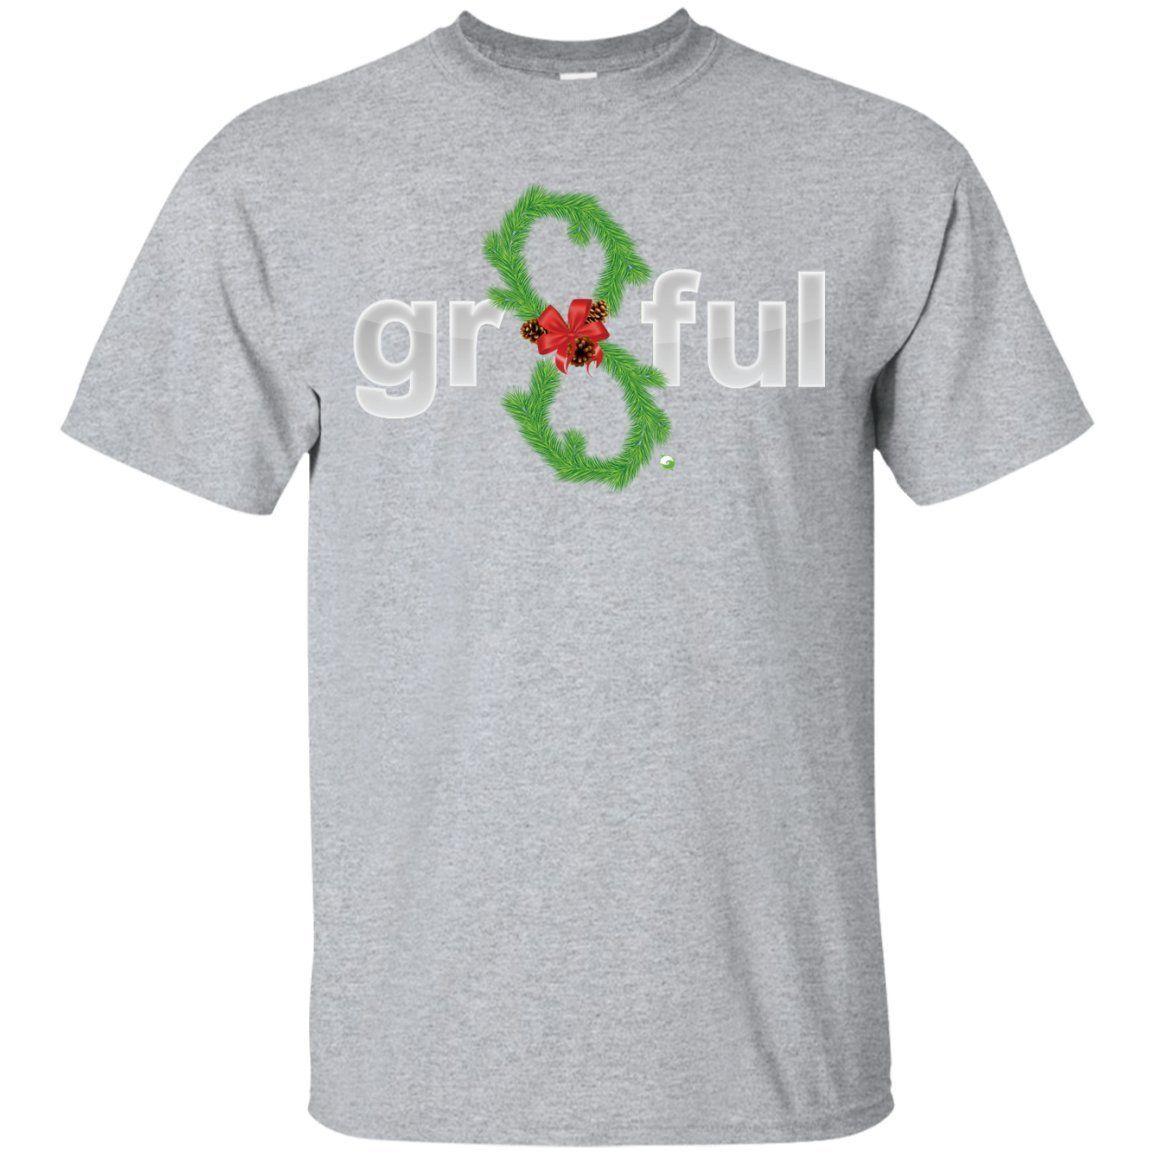 fcdf5cfb Unagi Ross Geller Friends Quote T-Shirt Unagi Funny Friends TV Show TShirt